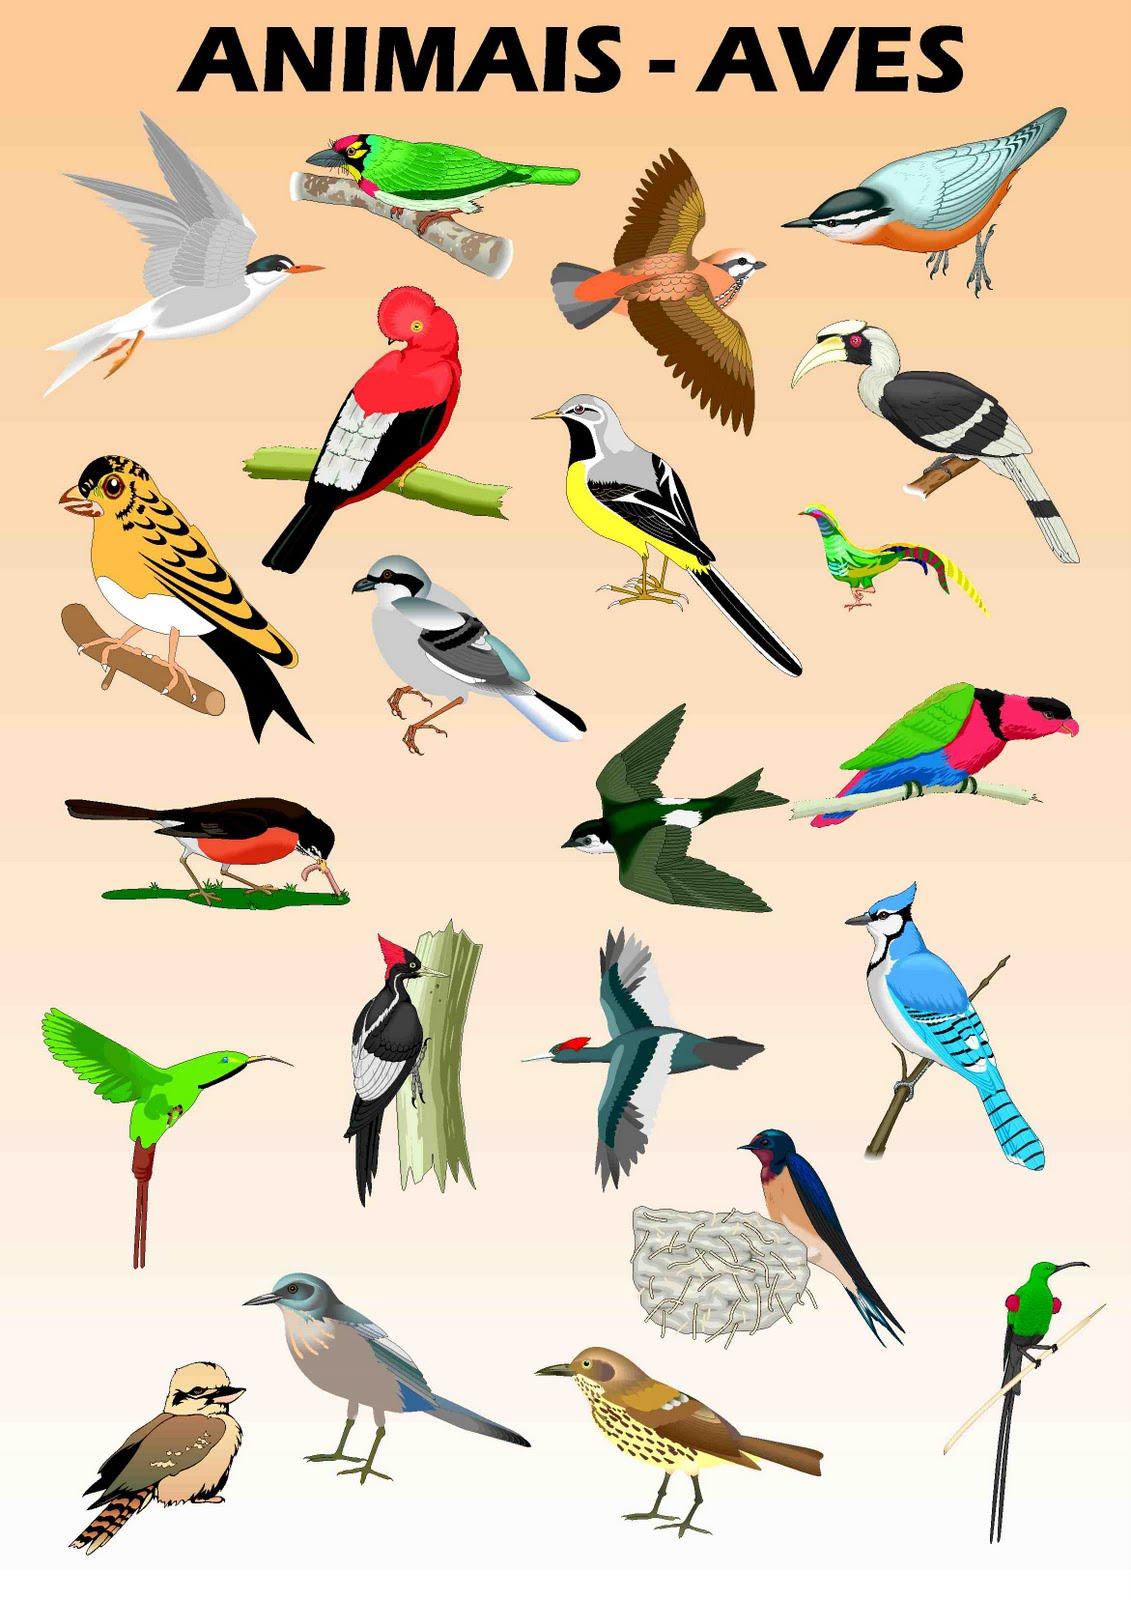 imagens para colorir de bandos aves marinhas